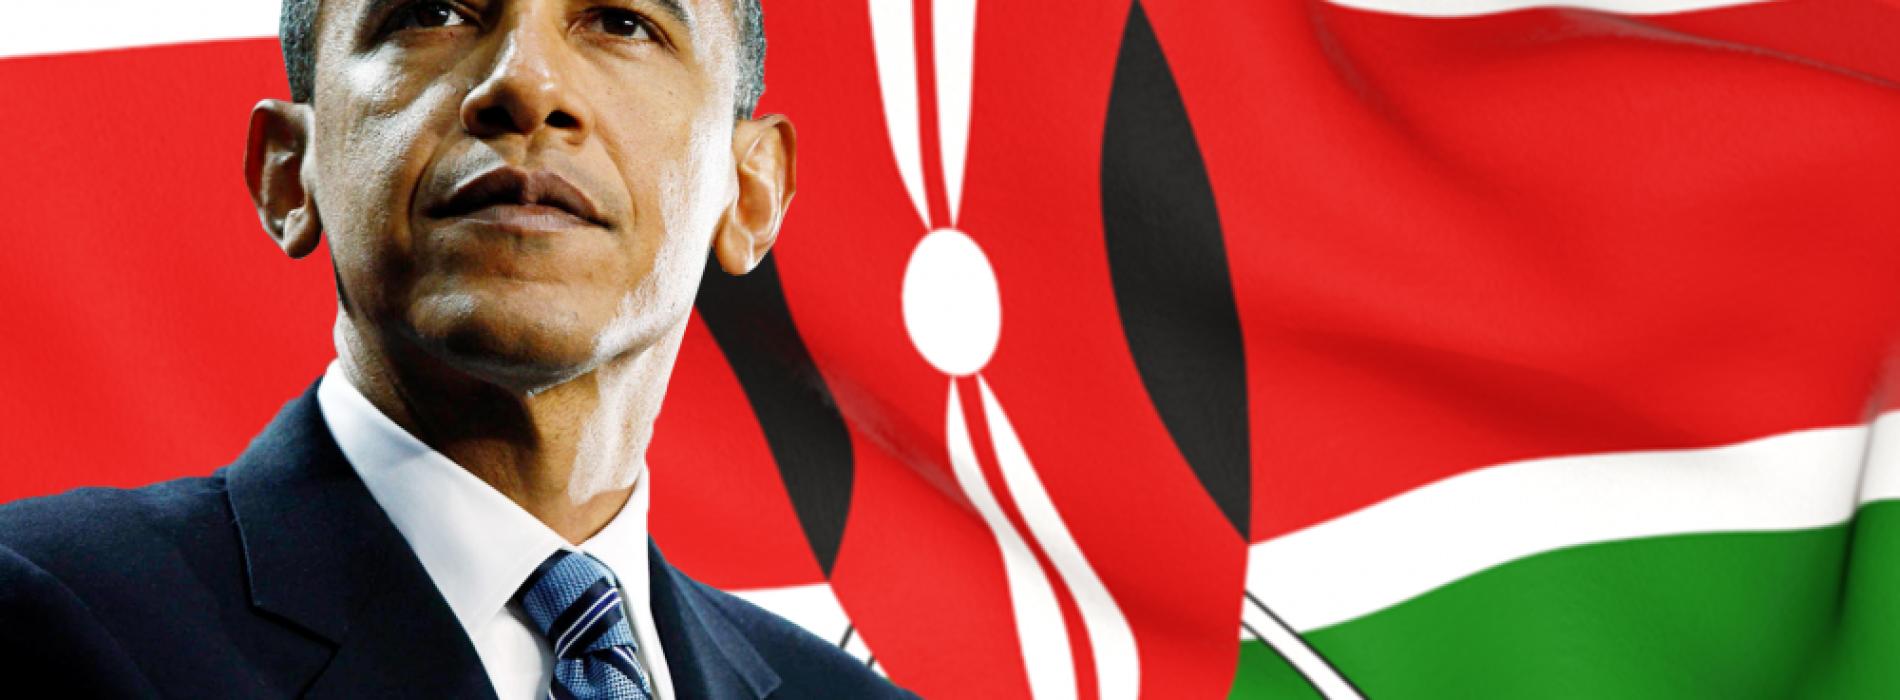 Obama in Kenya, sono venuto a cercare il mio certificato di nascita